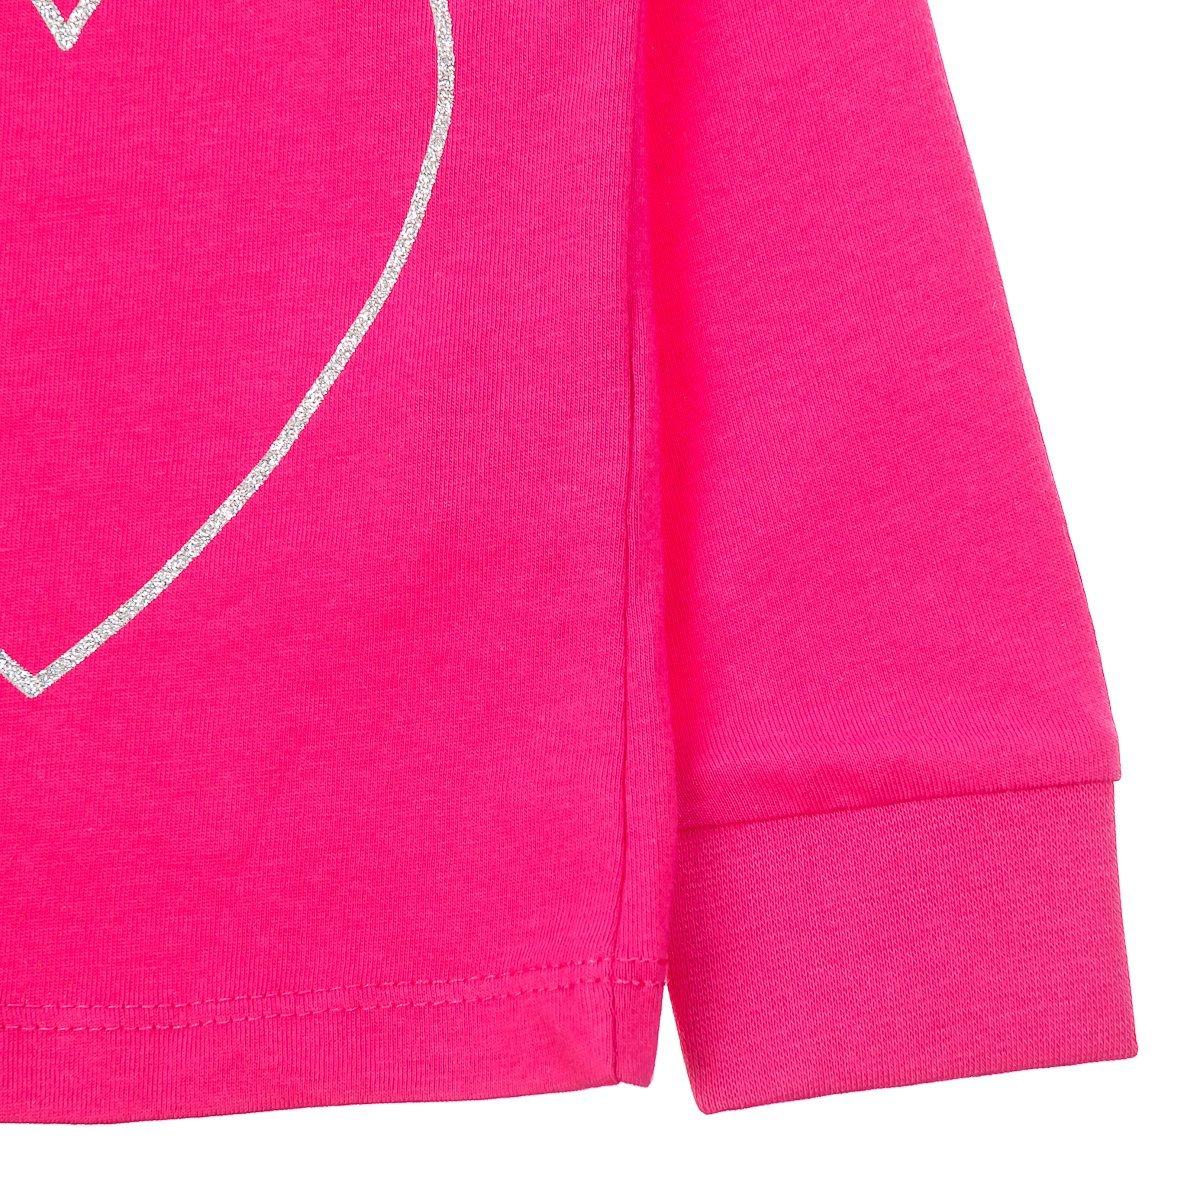 Купить Нижнее белье, пижамы, халаты, Пижама BluKids Love to the Moon and back, р. 116 5264548 ТМ: BluKids, белый с розовым